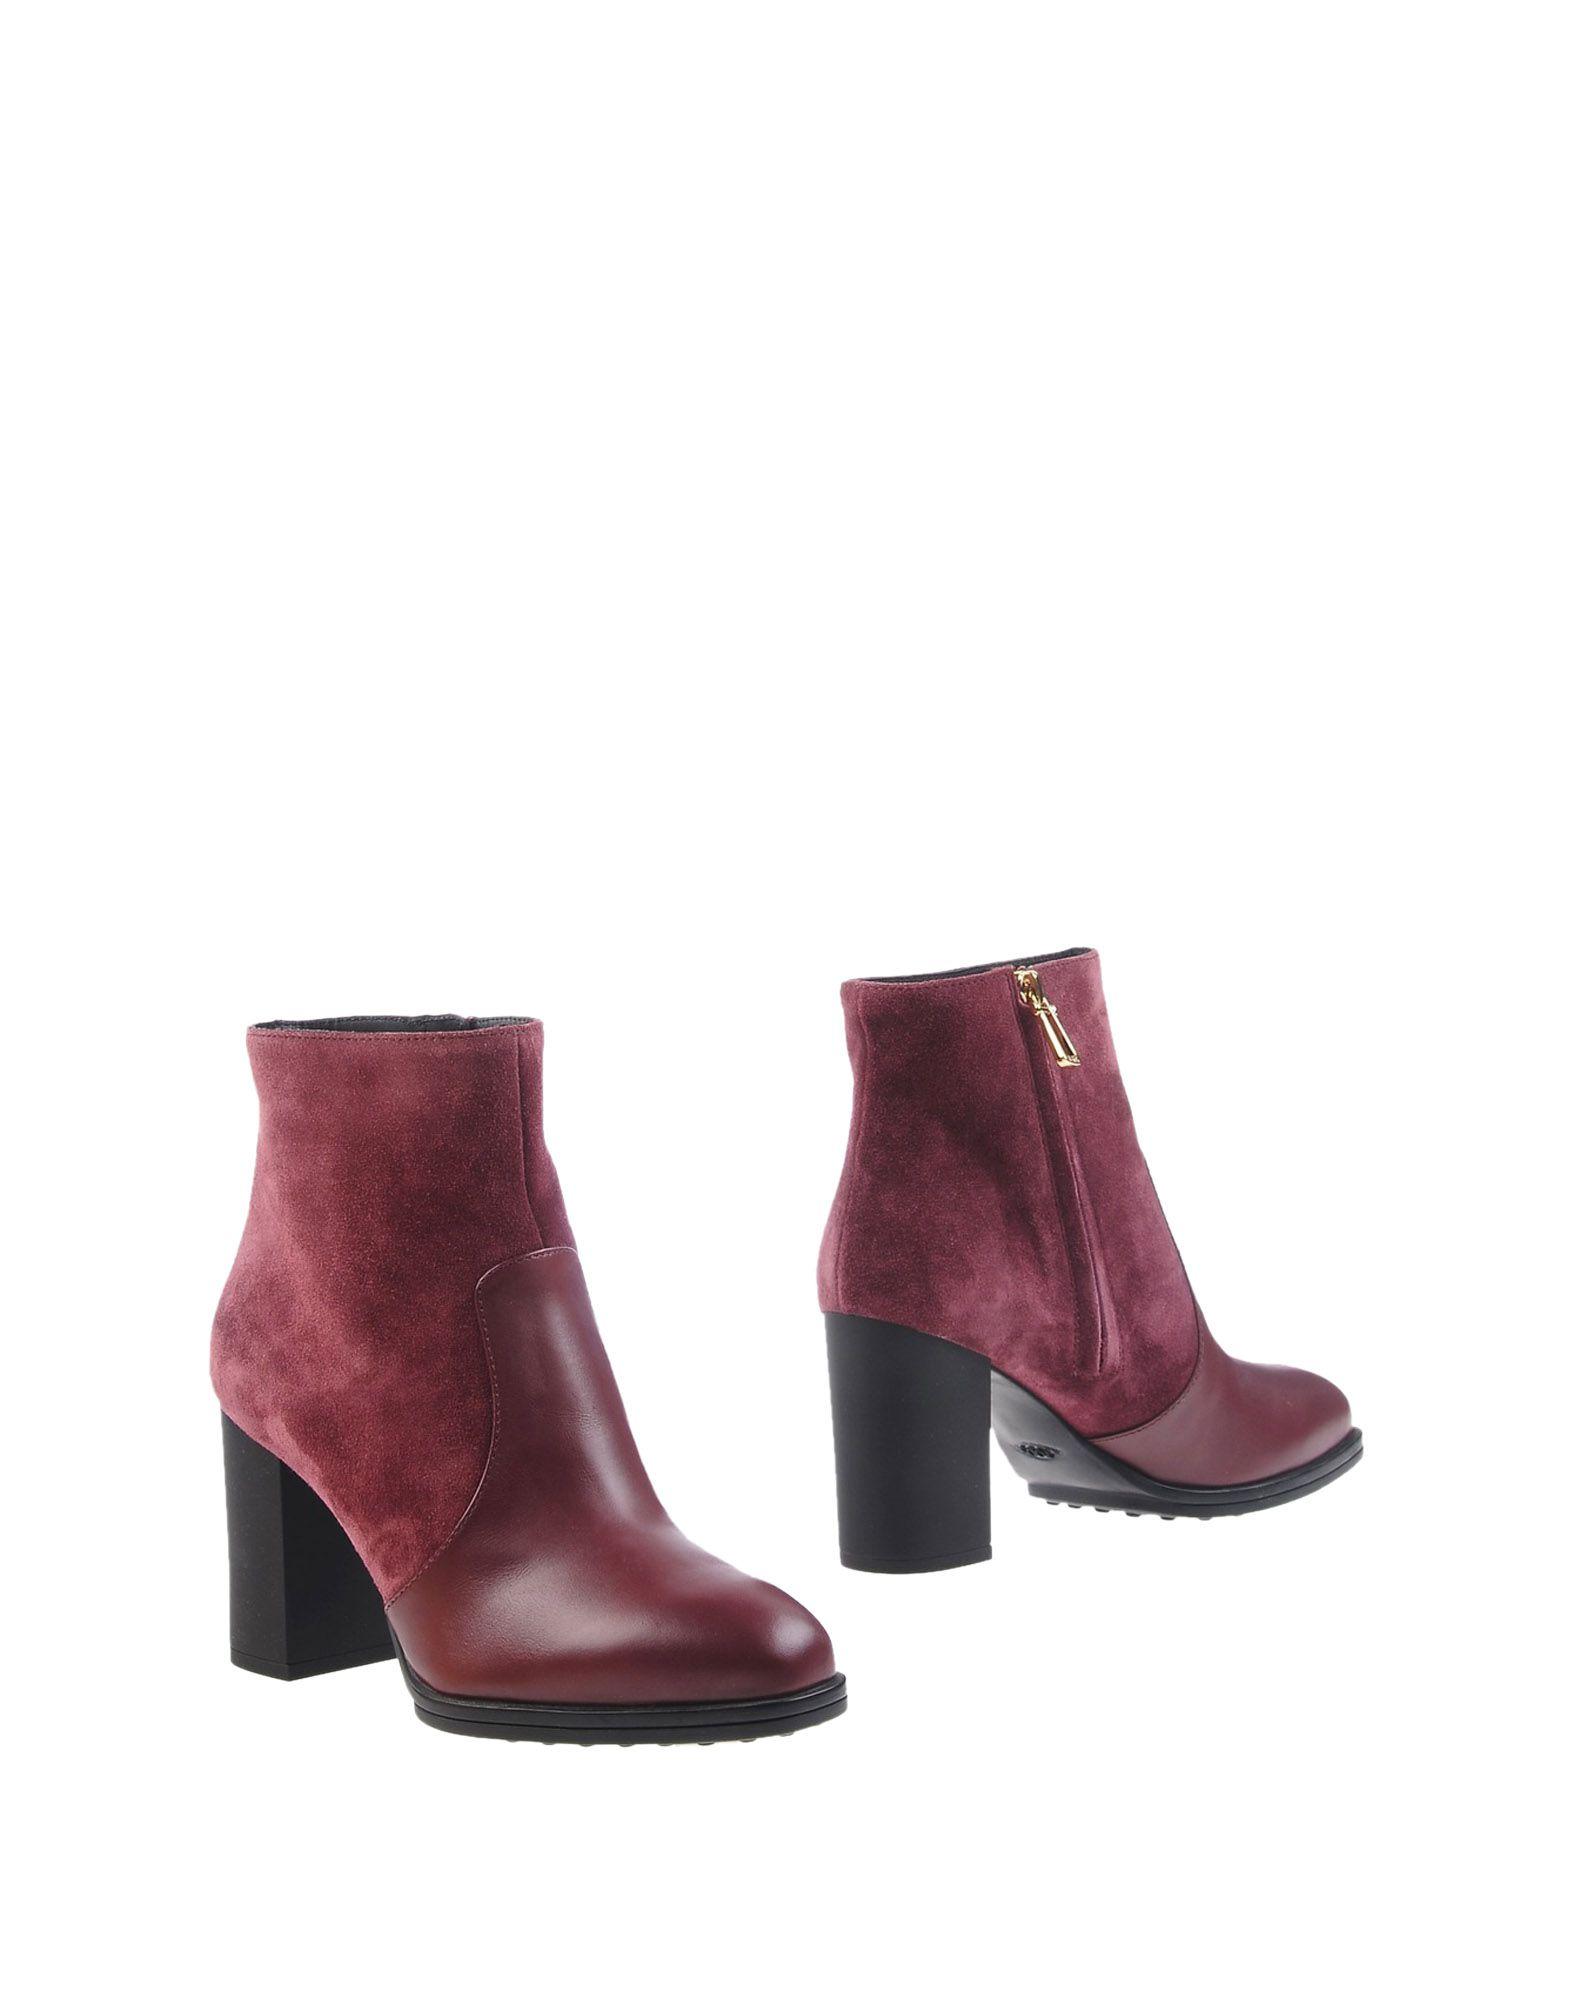 Tod's Stiefelette Damen  11300043CUGünstige Schuhe gut aussehende Schuhe 11300043CUGünstige cc909a